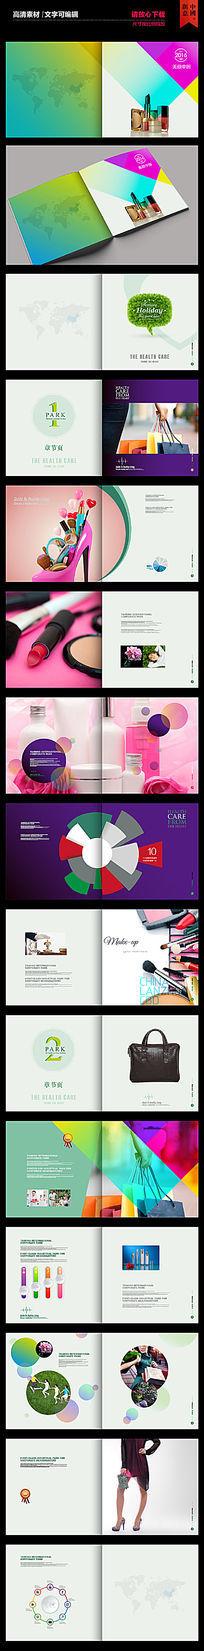 美容化妆品时尚画册